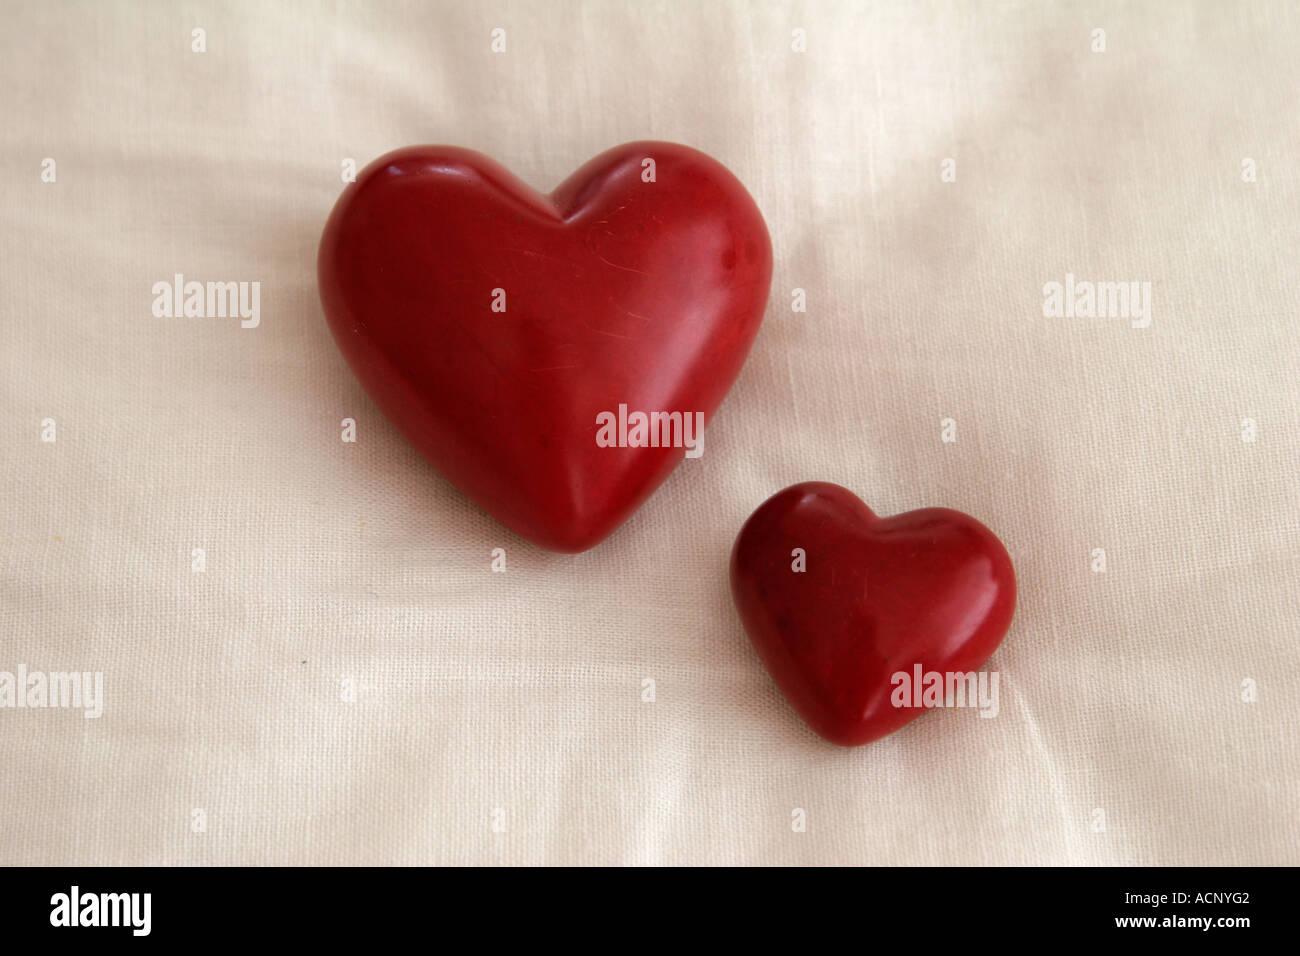 Herzen auf dem Kissen - Zwei Herzchen Auf Kissen Stockbild